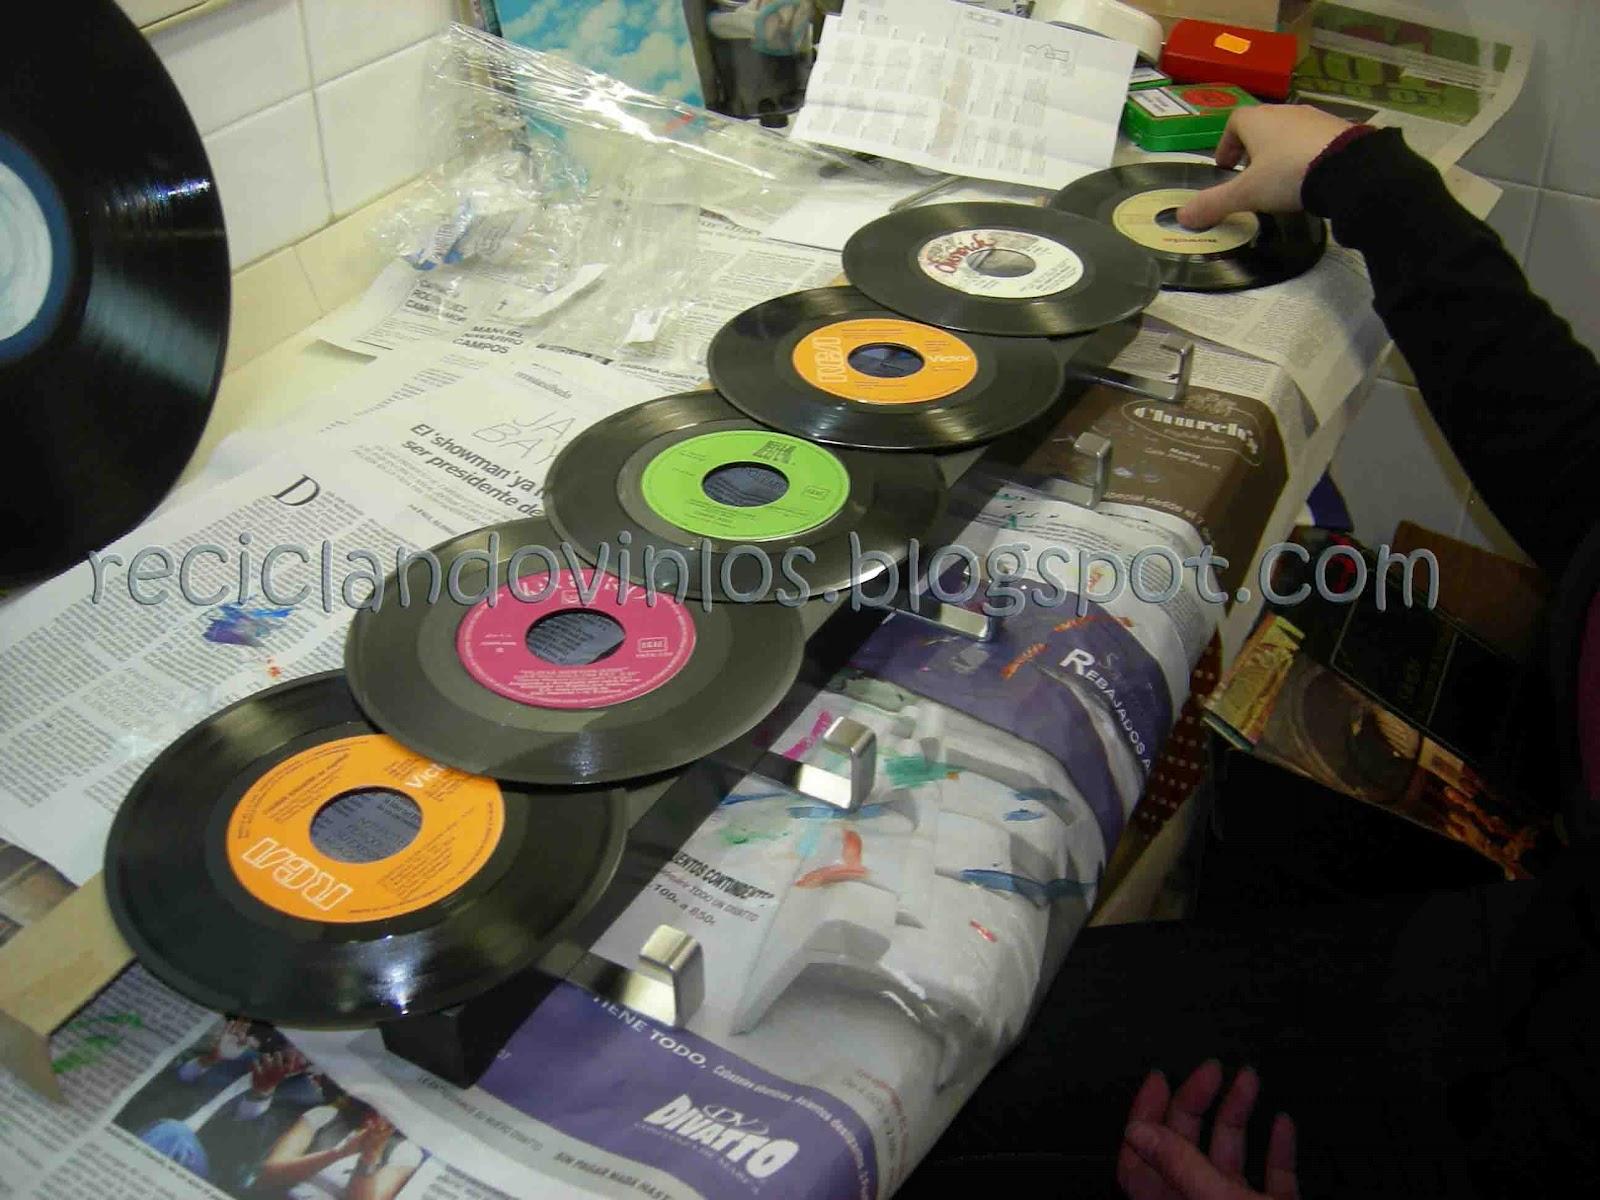 Discos de vinilo decorados images - Discos vinilos decorativos ...